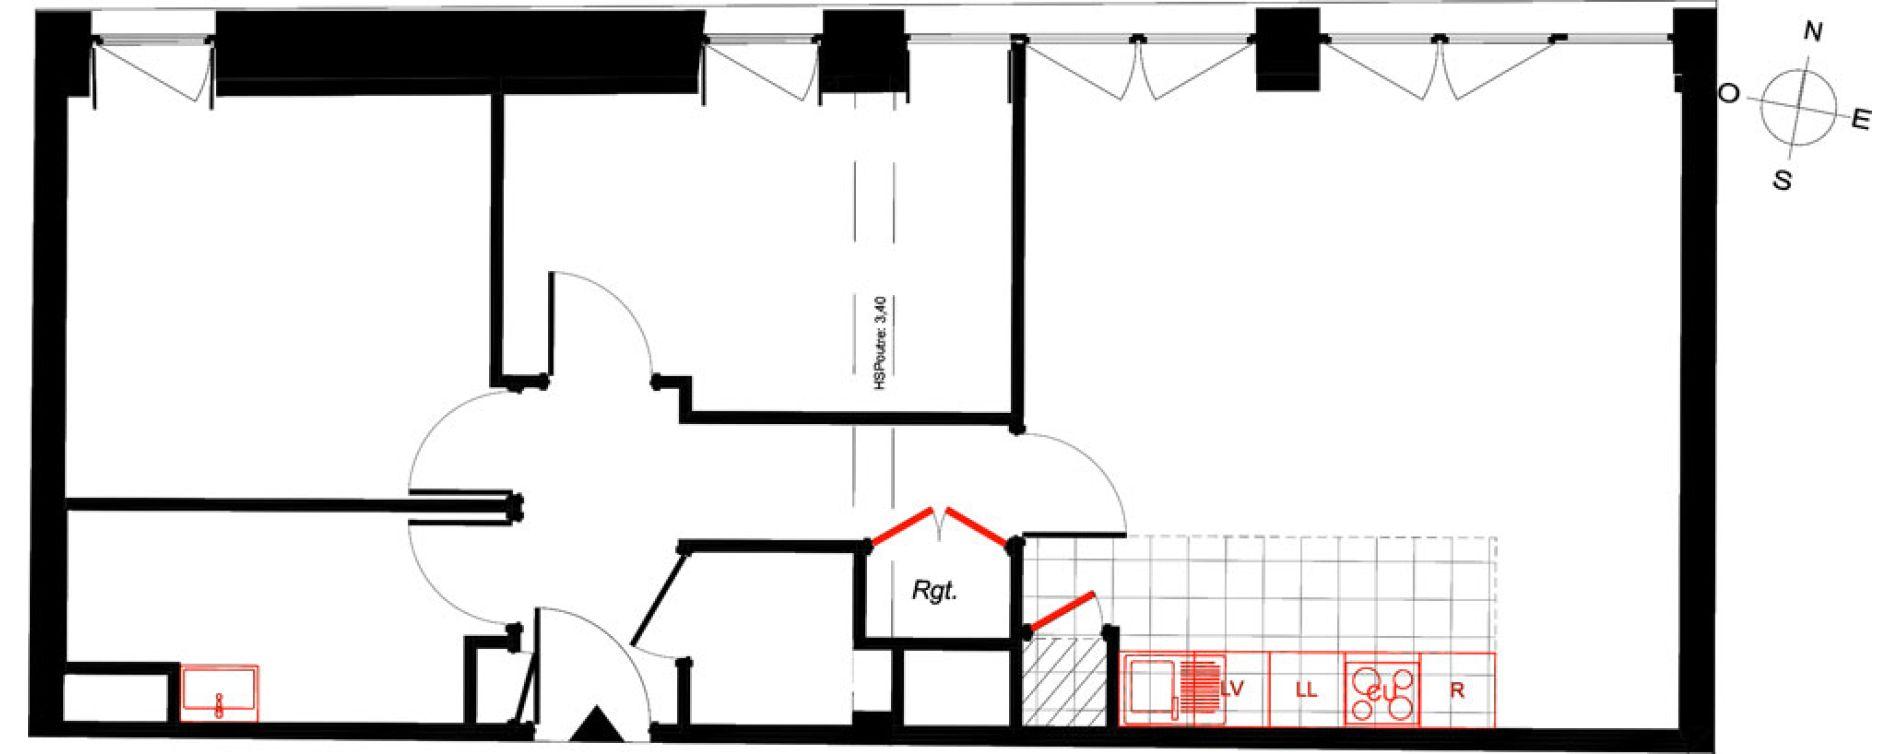 Appartement T3 de 61,13 m2 à Saint-Malo Intra-muros